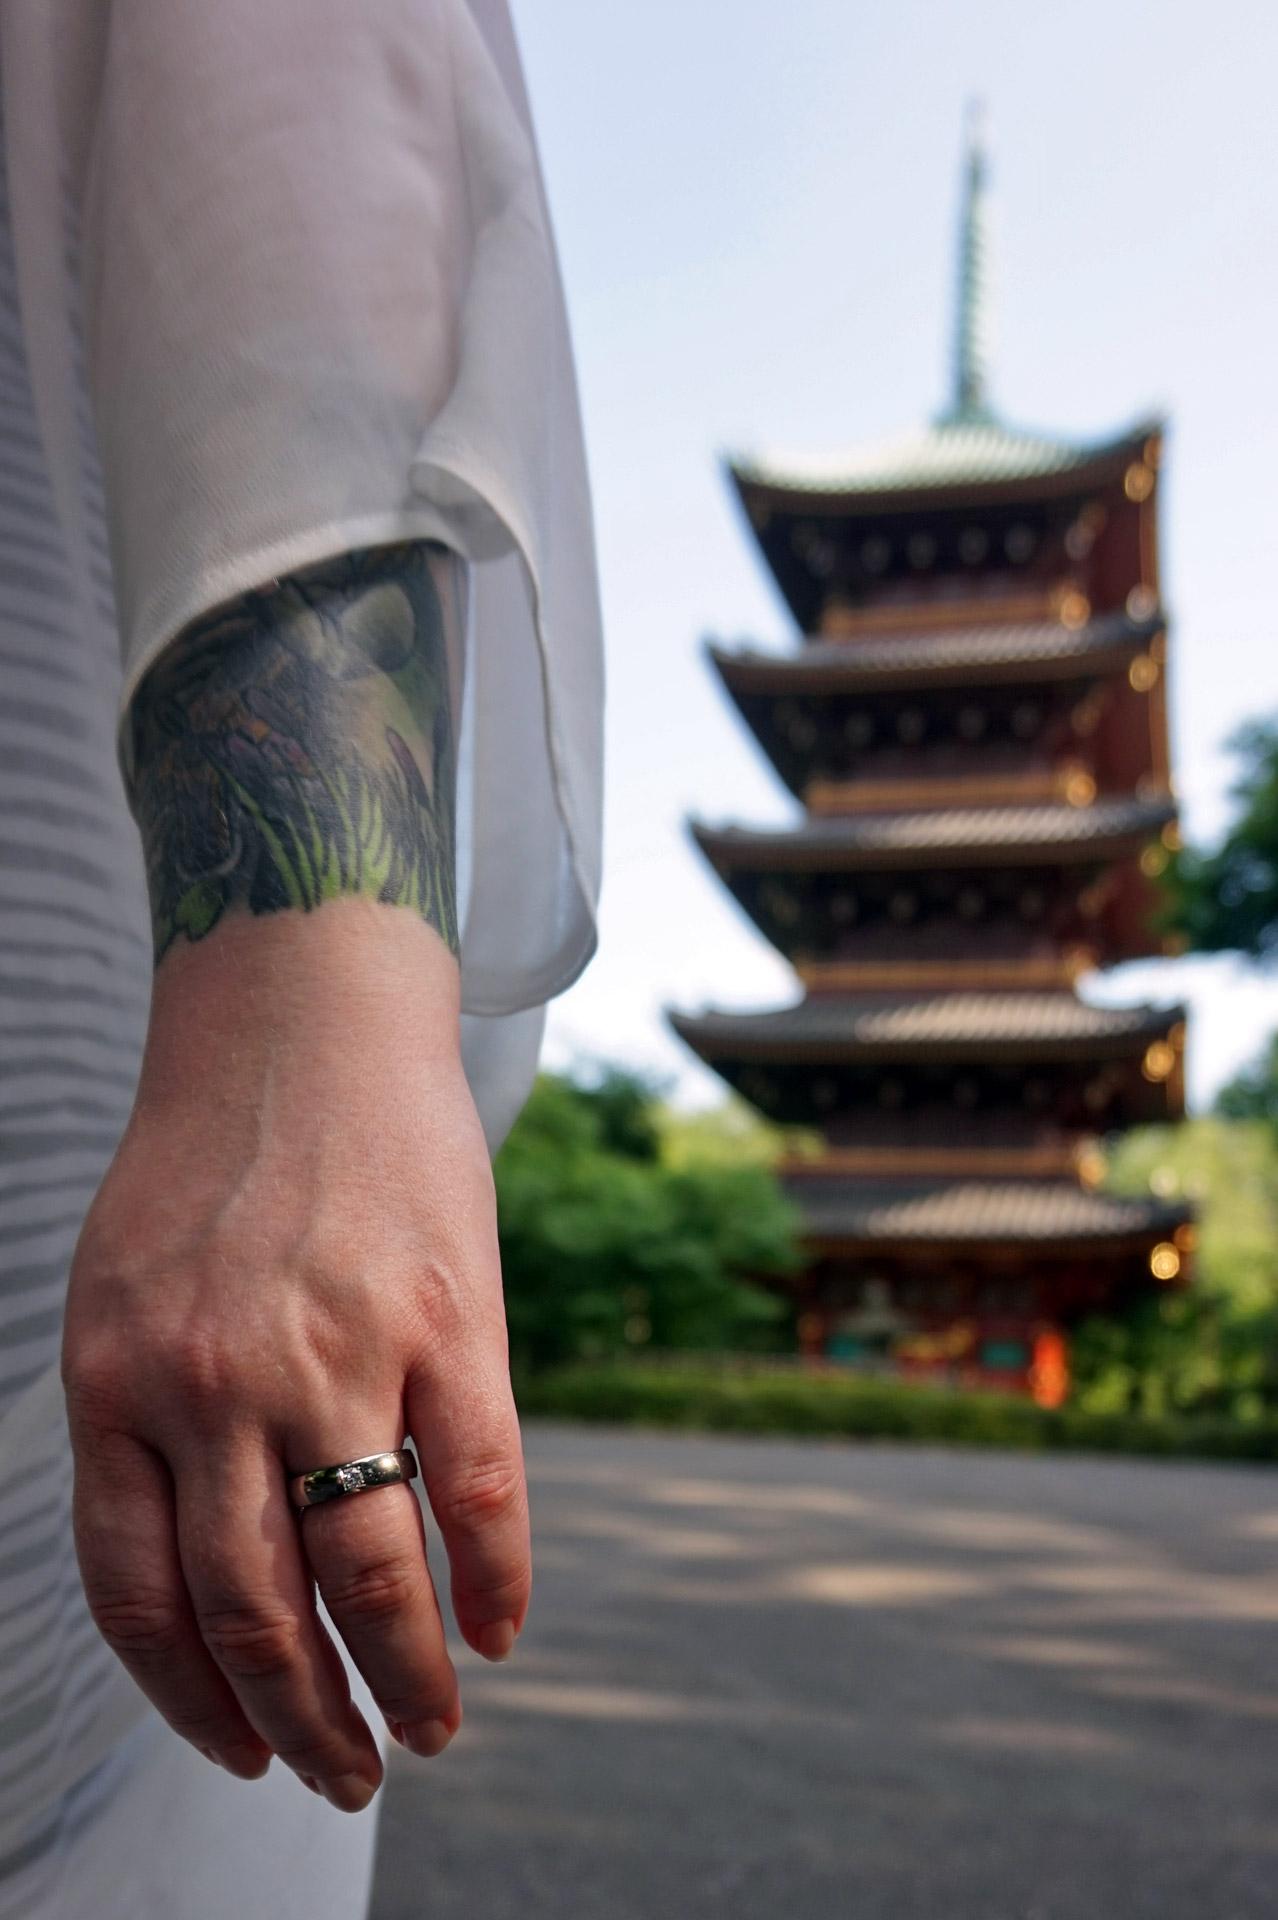 The pagodas